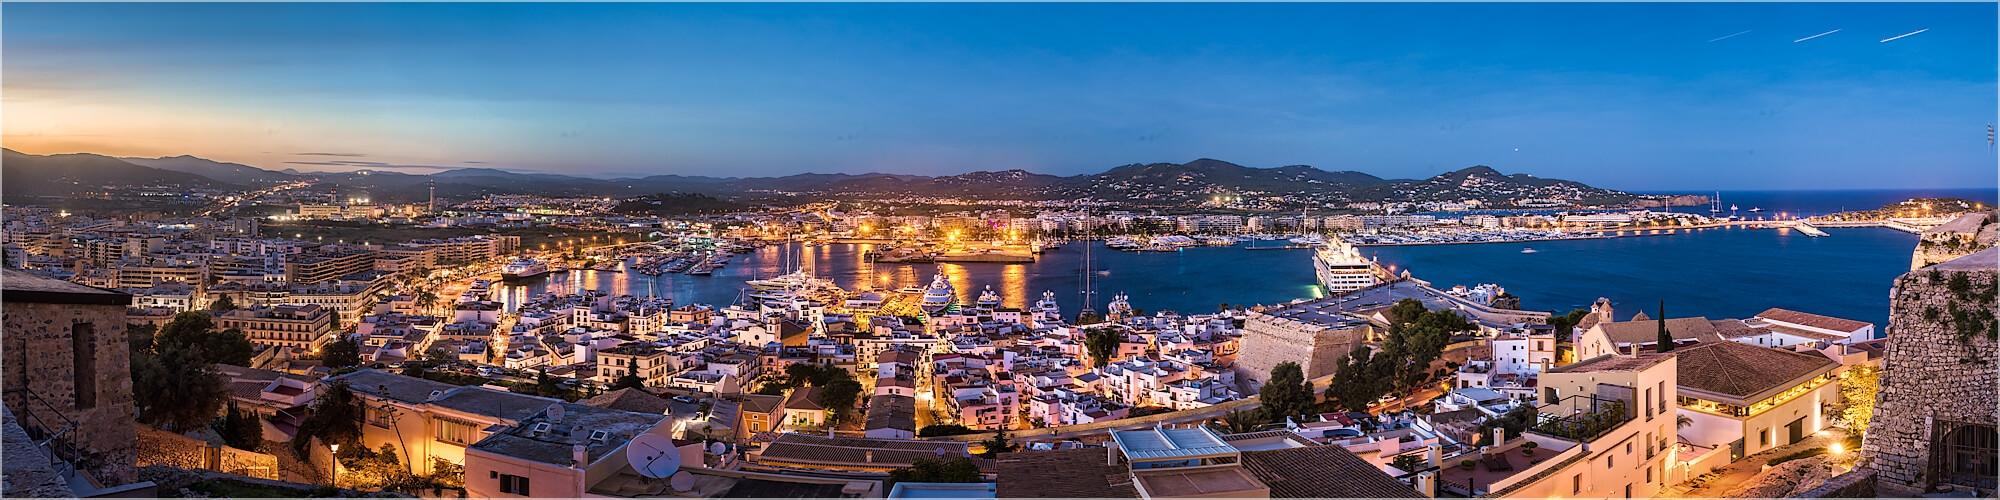 Panoramabild Ibiza Hafen und  Stadtpanorama